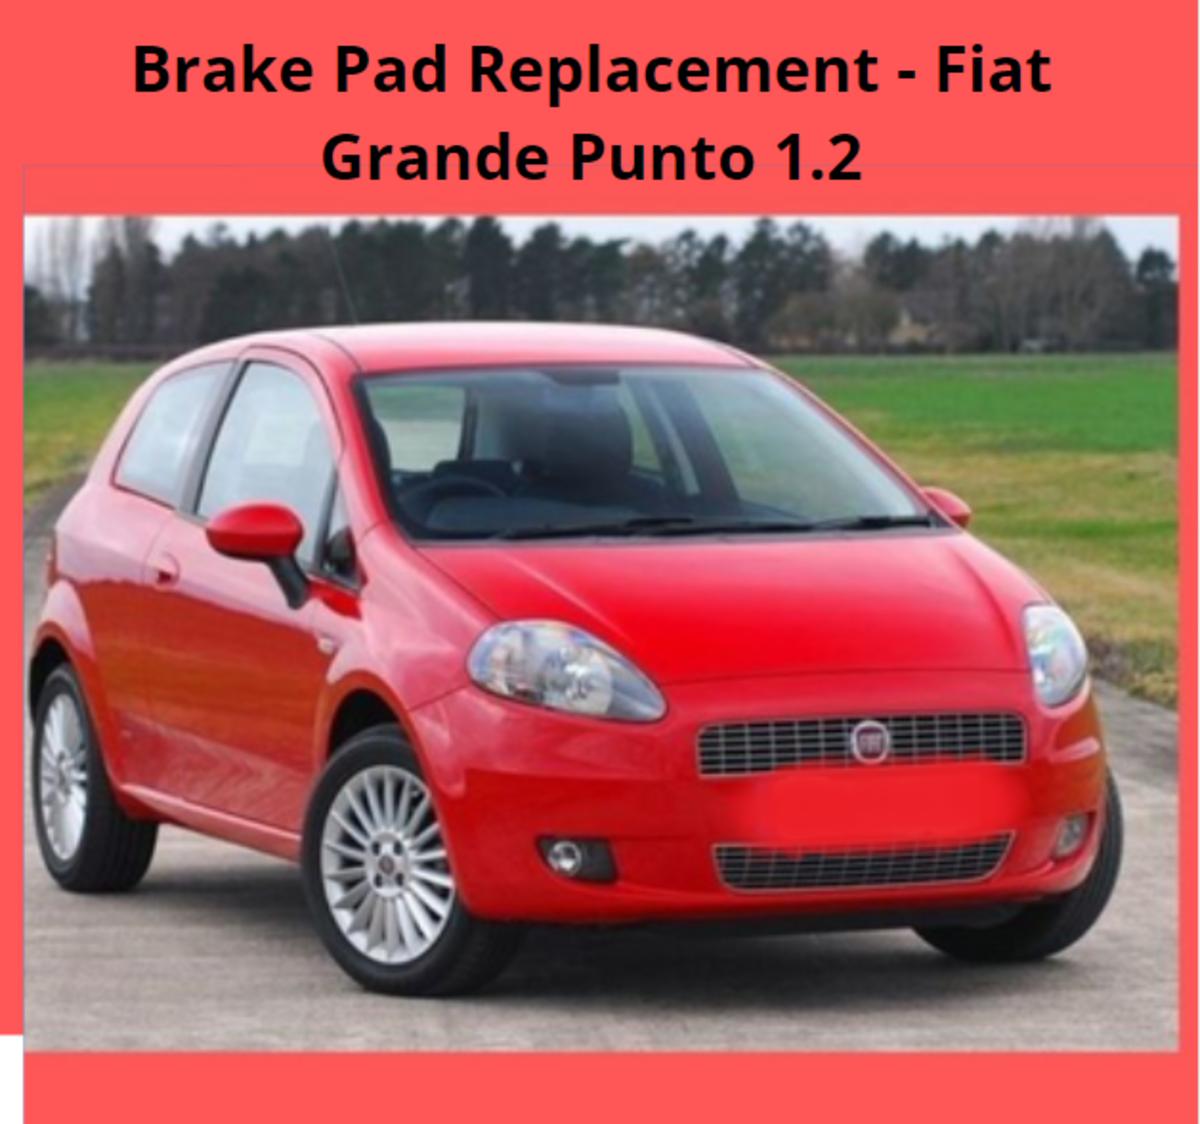 Brake Pad Replacement - Fiat Grande Punto 1.2 2006 - 2009